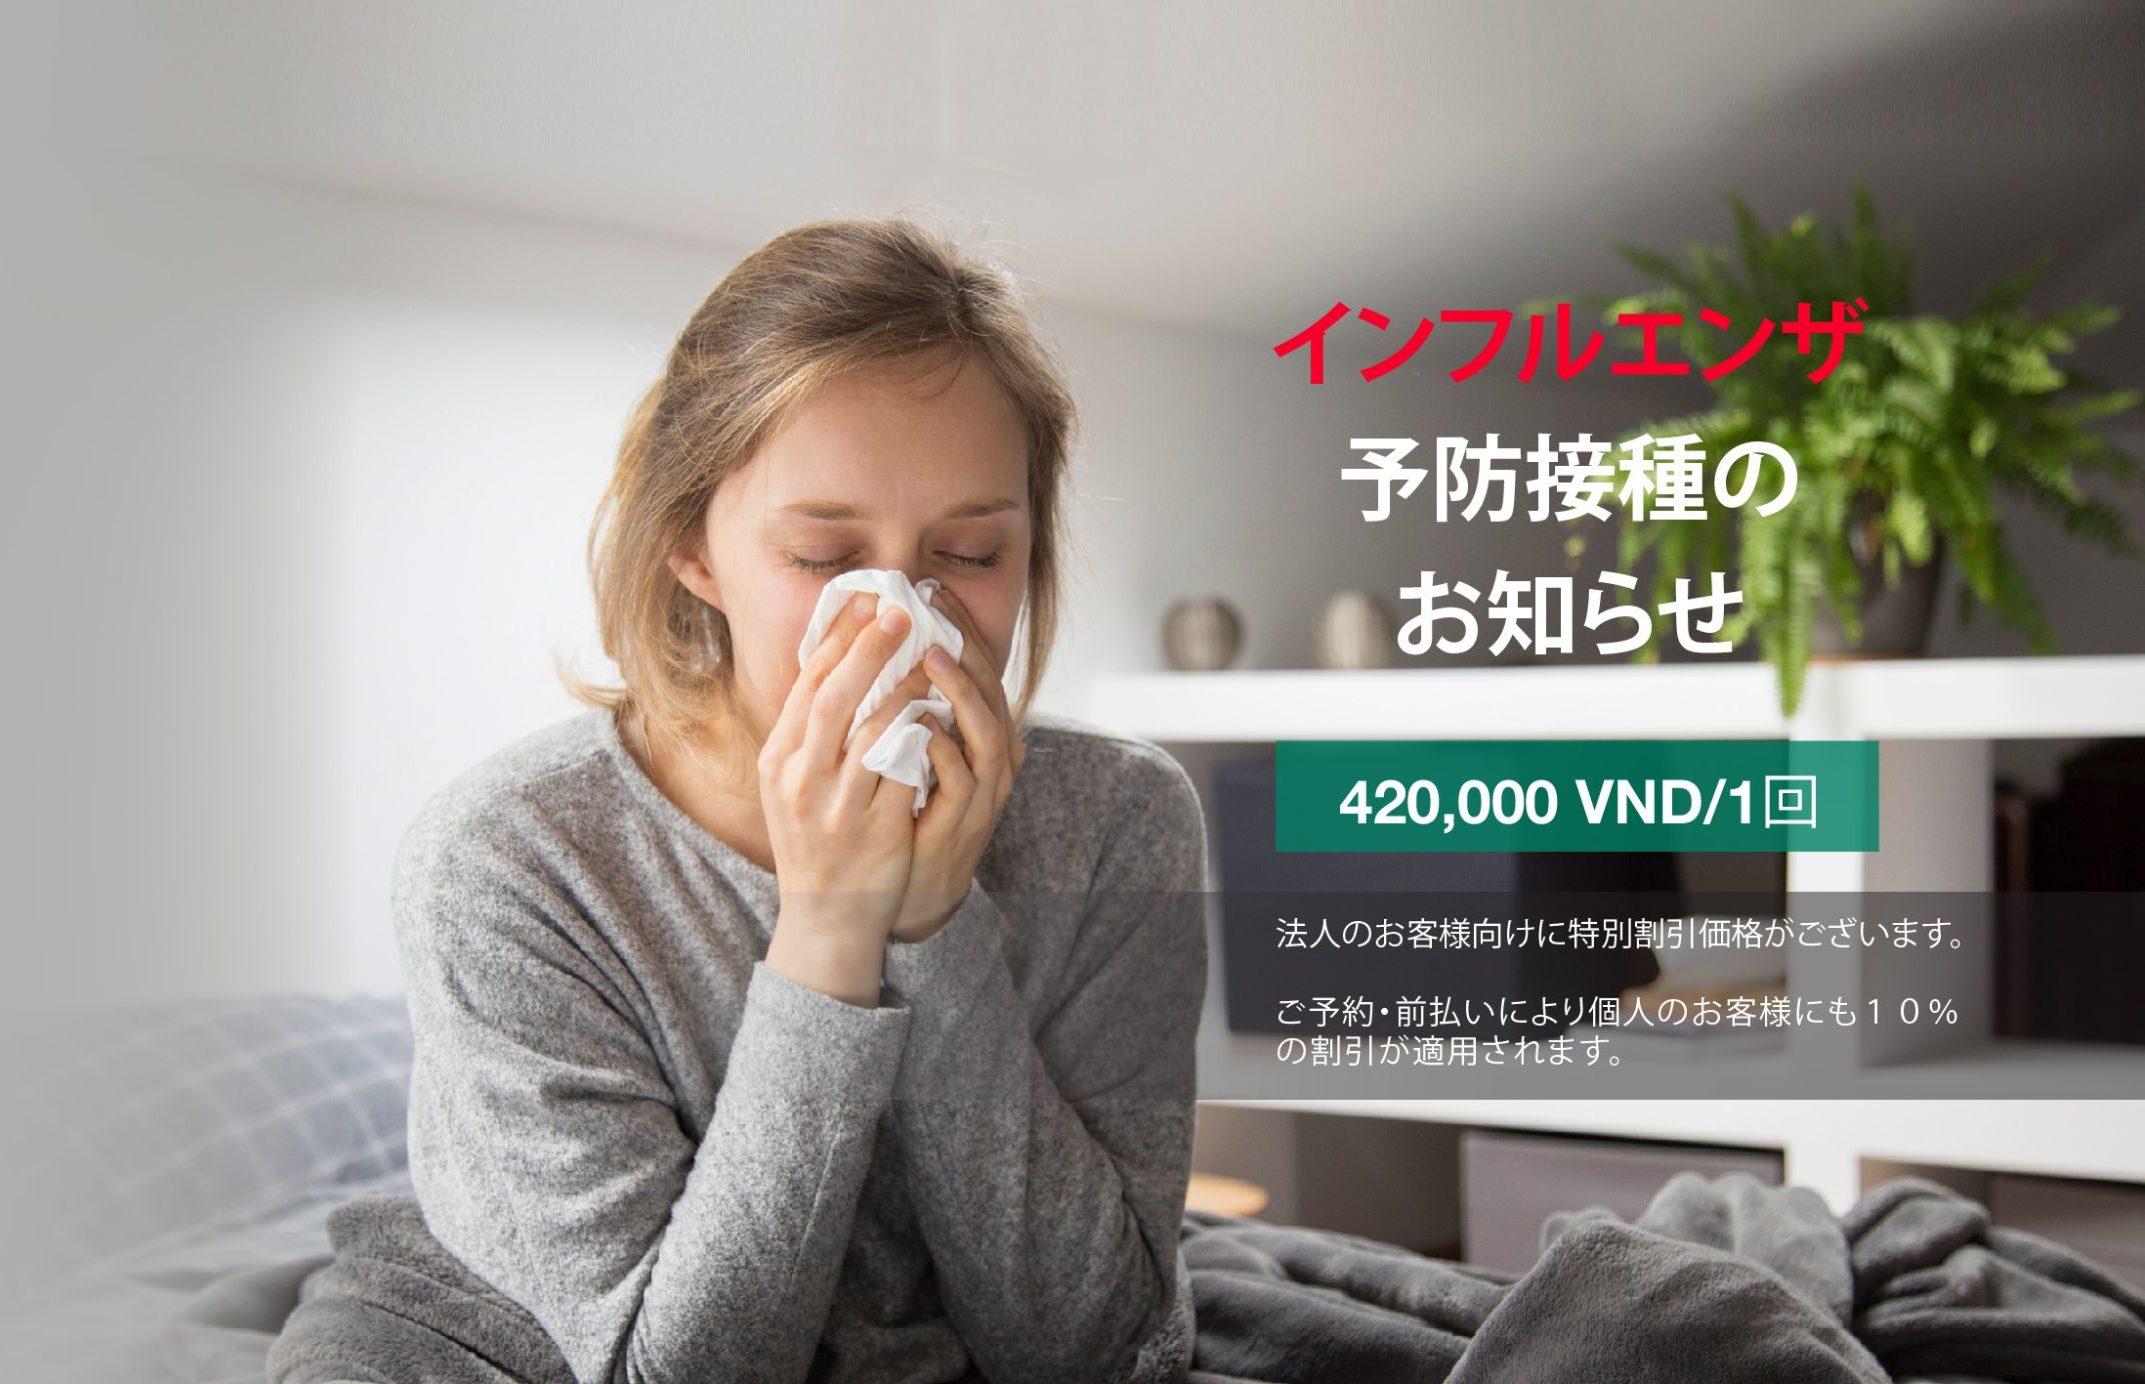 インフルエンザワクチンのご案内